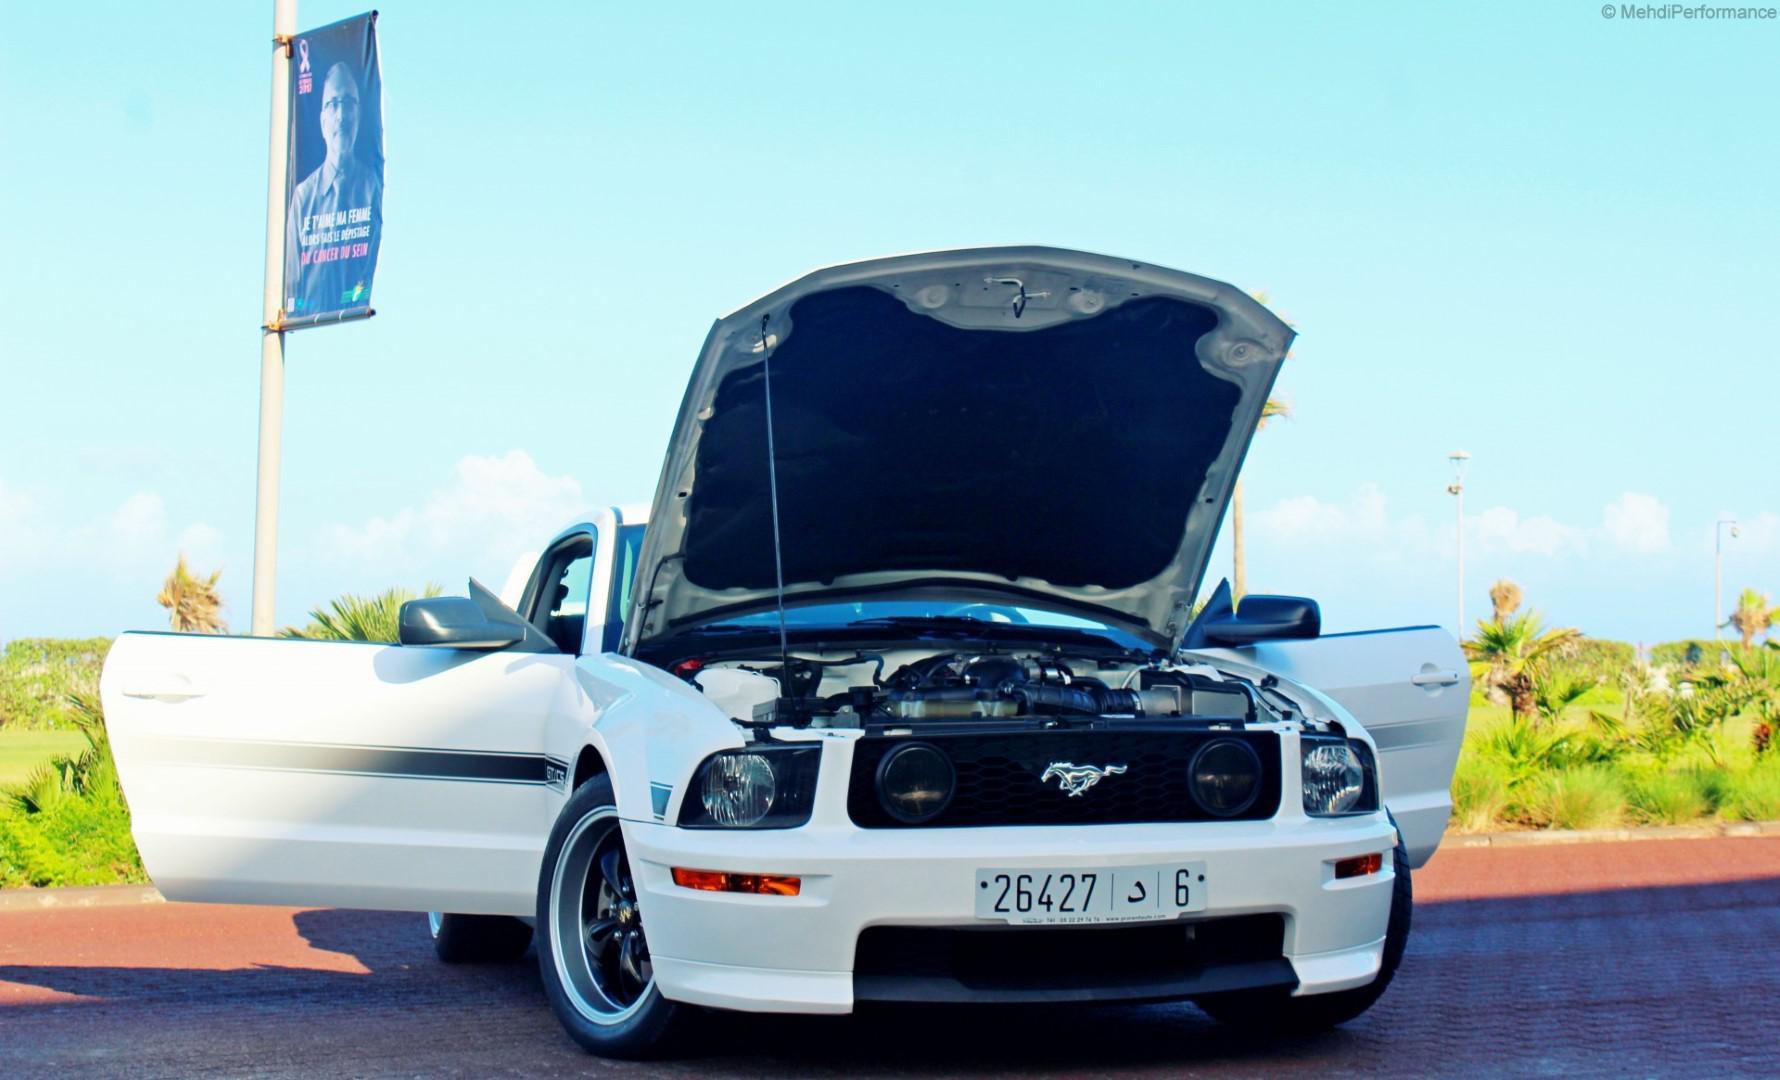 Série Spéciale au Maroc : Ford Mustang GT V8 4.6L California Spécial (Manuelle)